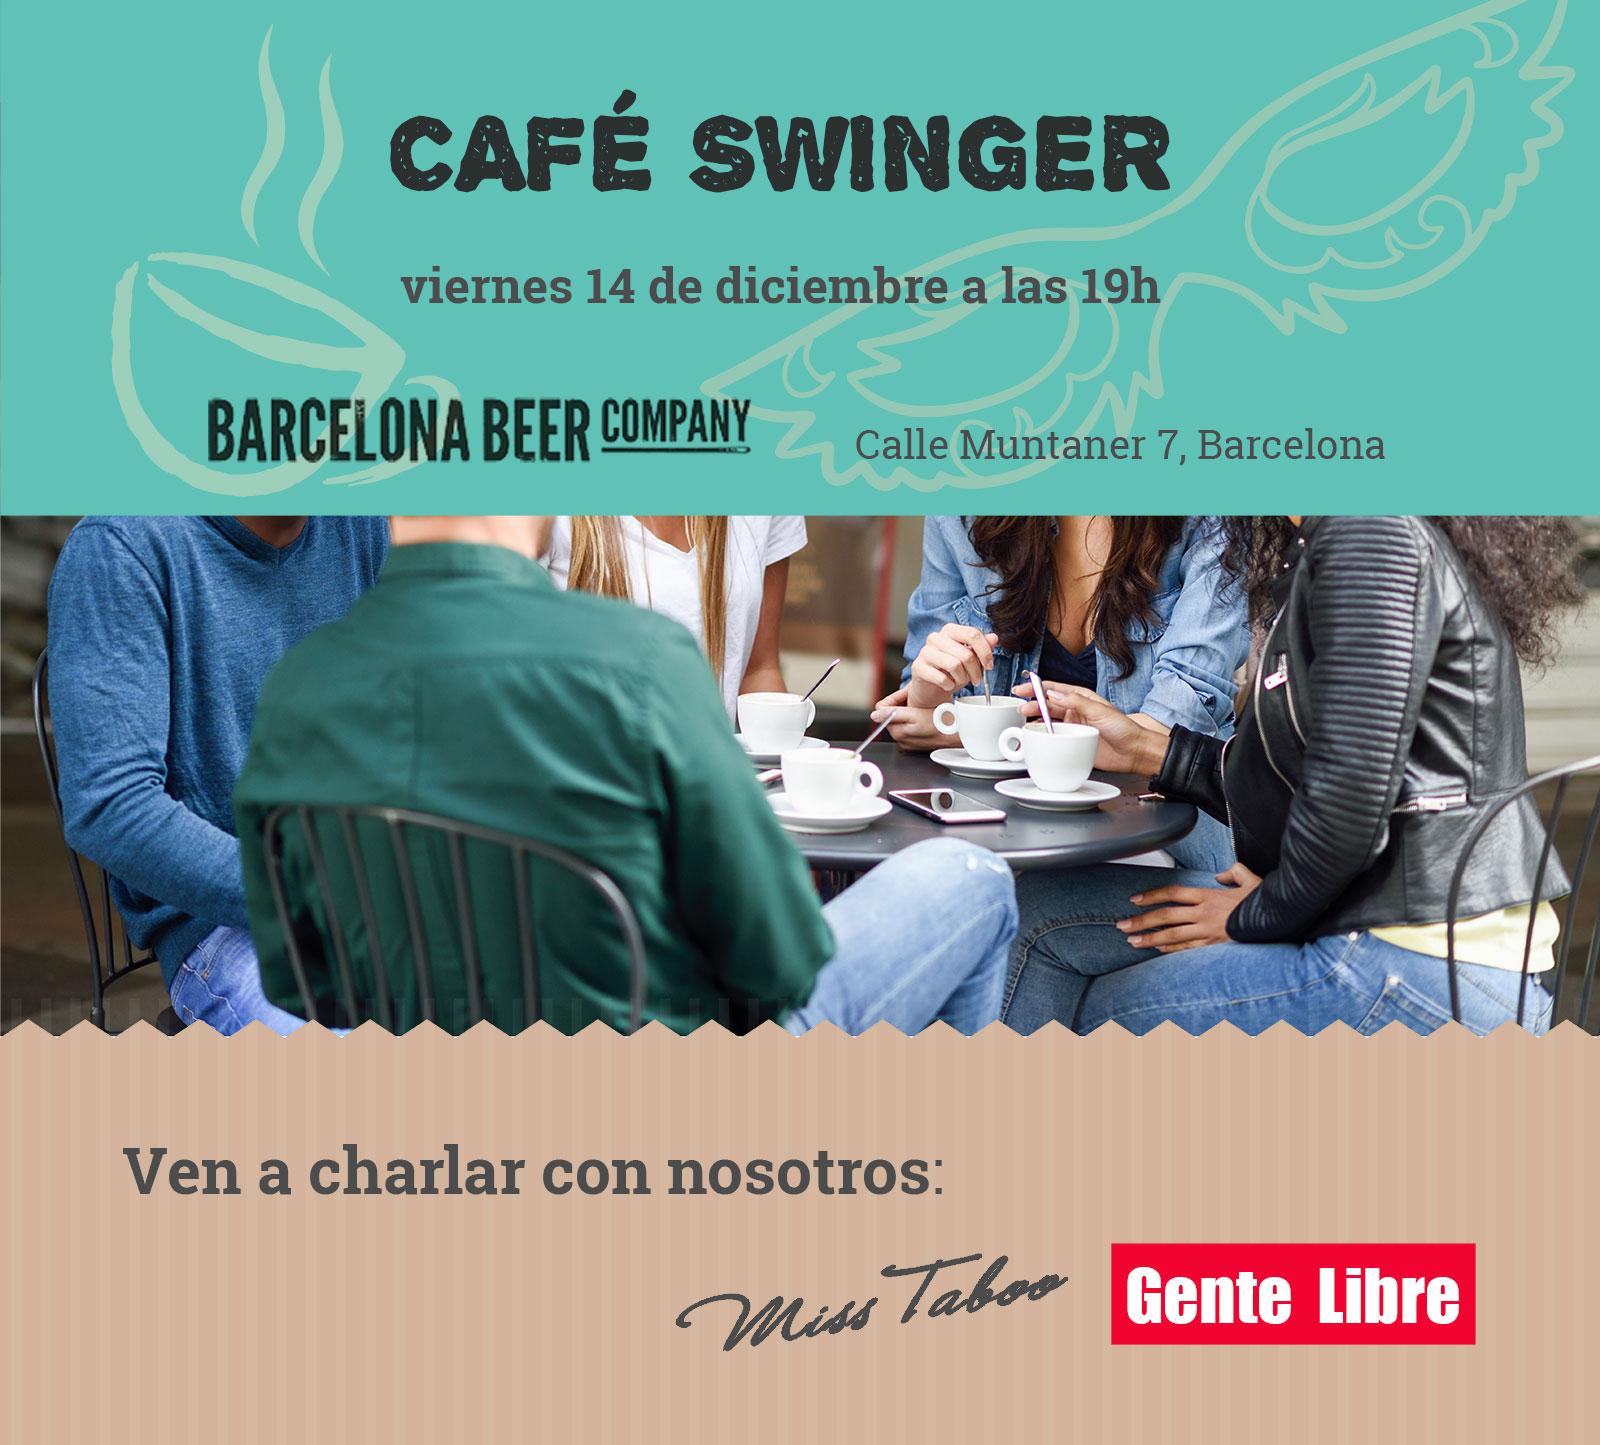 2º Café Swinger: iniciación al ambiente liberal o swinger